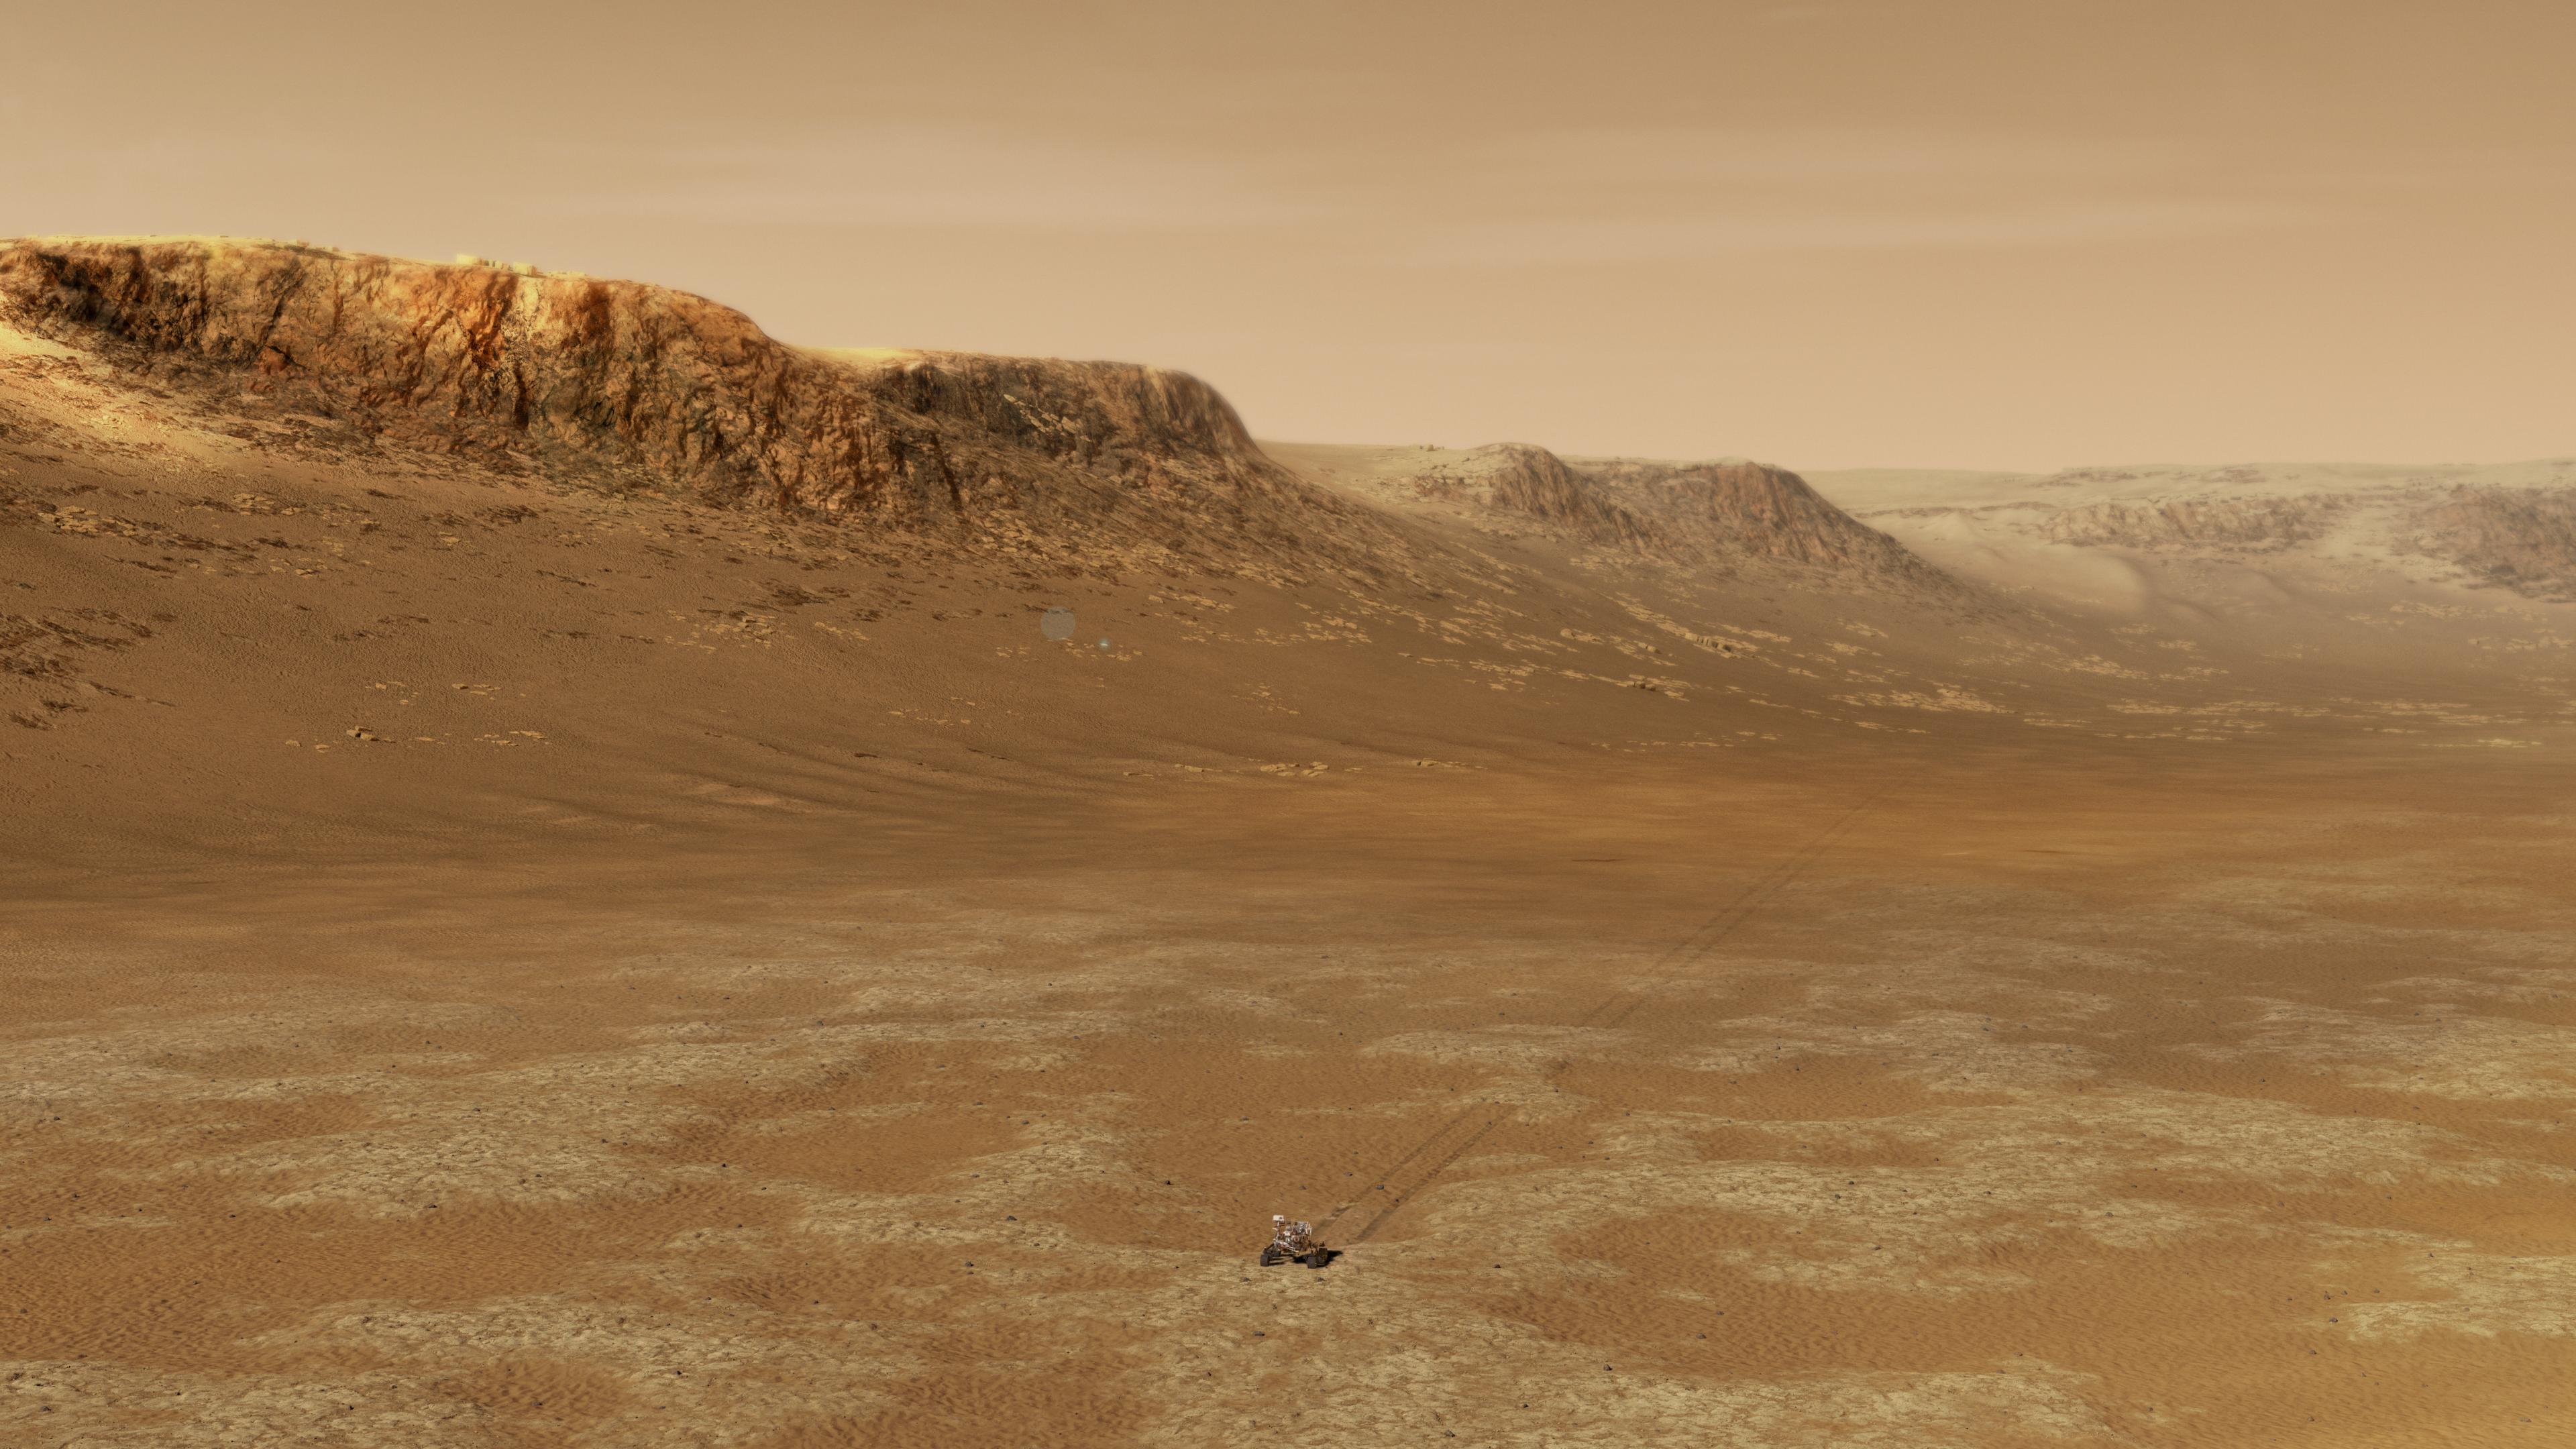 22 días para que el rover Perseverance llegue a Marte